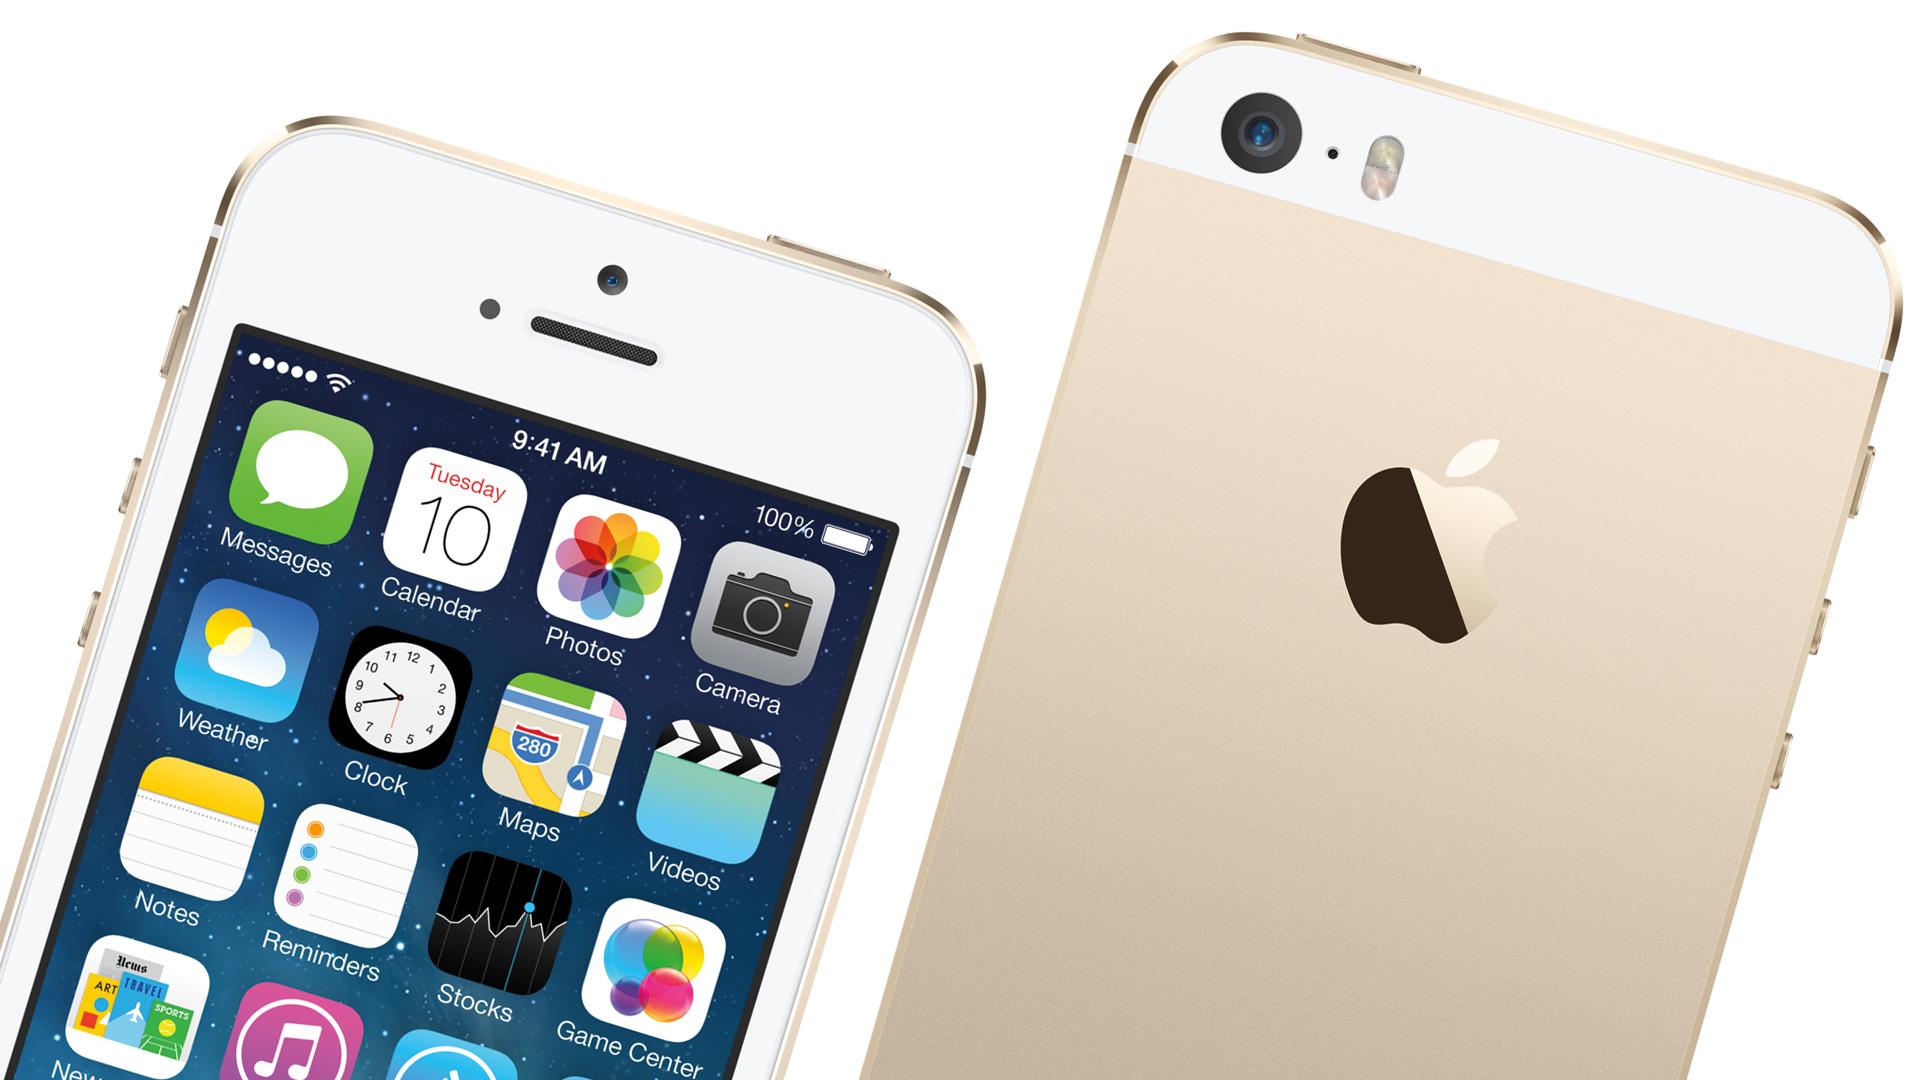 iphone 1 - Tổng hợp 5 ứng dụng hay và miễn phí trên iOS ngày 29.12.2016